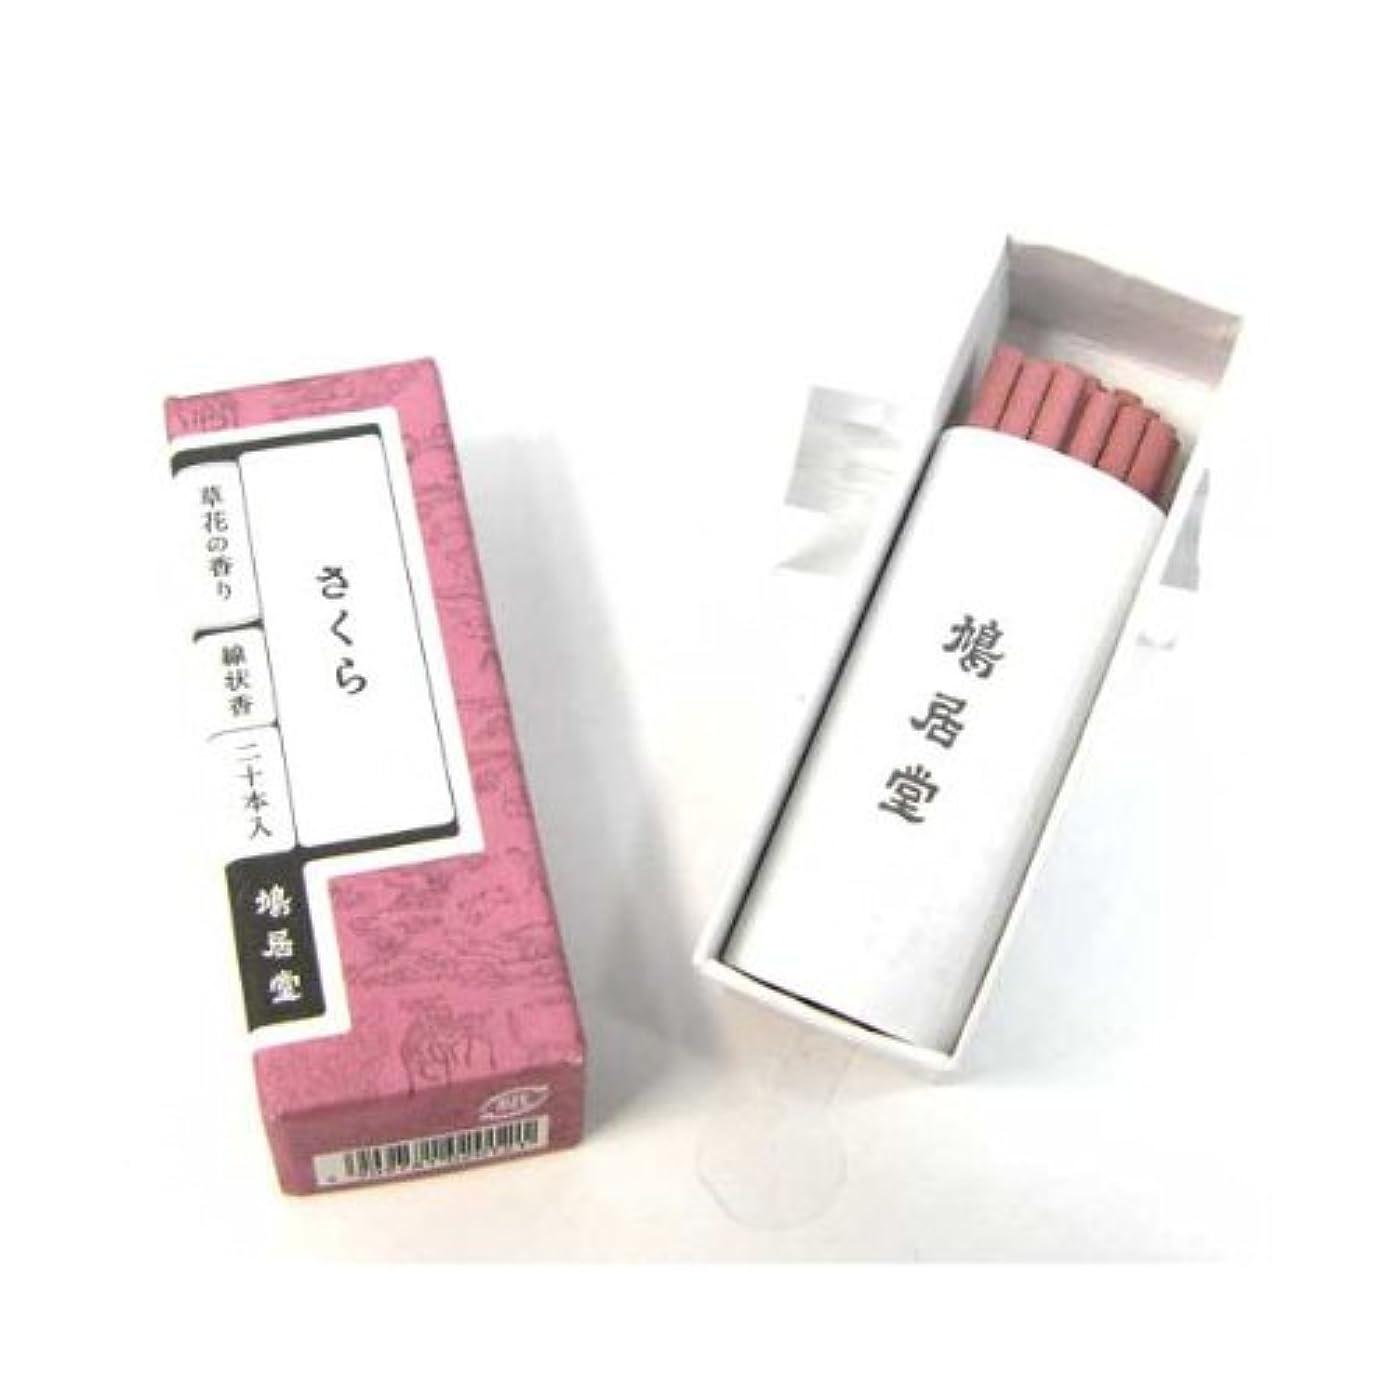 ポルノ神腹痛鳩居堂 お香 桜/さくら 草花の香りシリーズ スティックタイプ(棒状香)20本いり